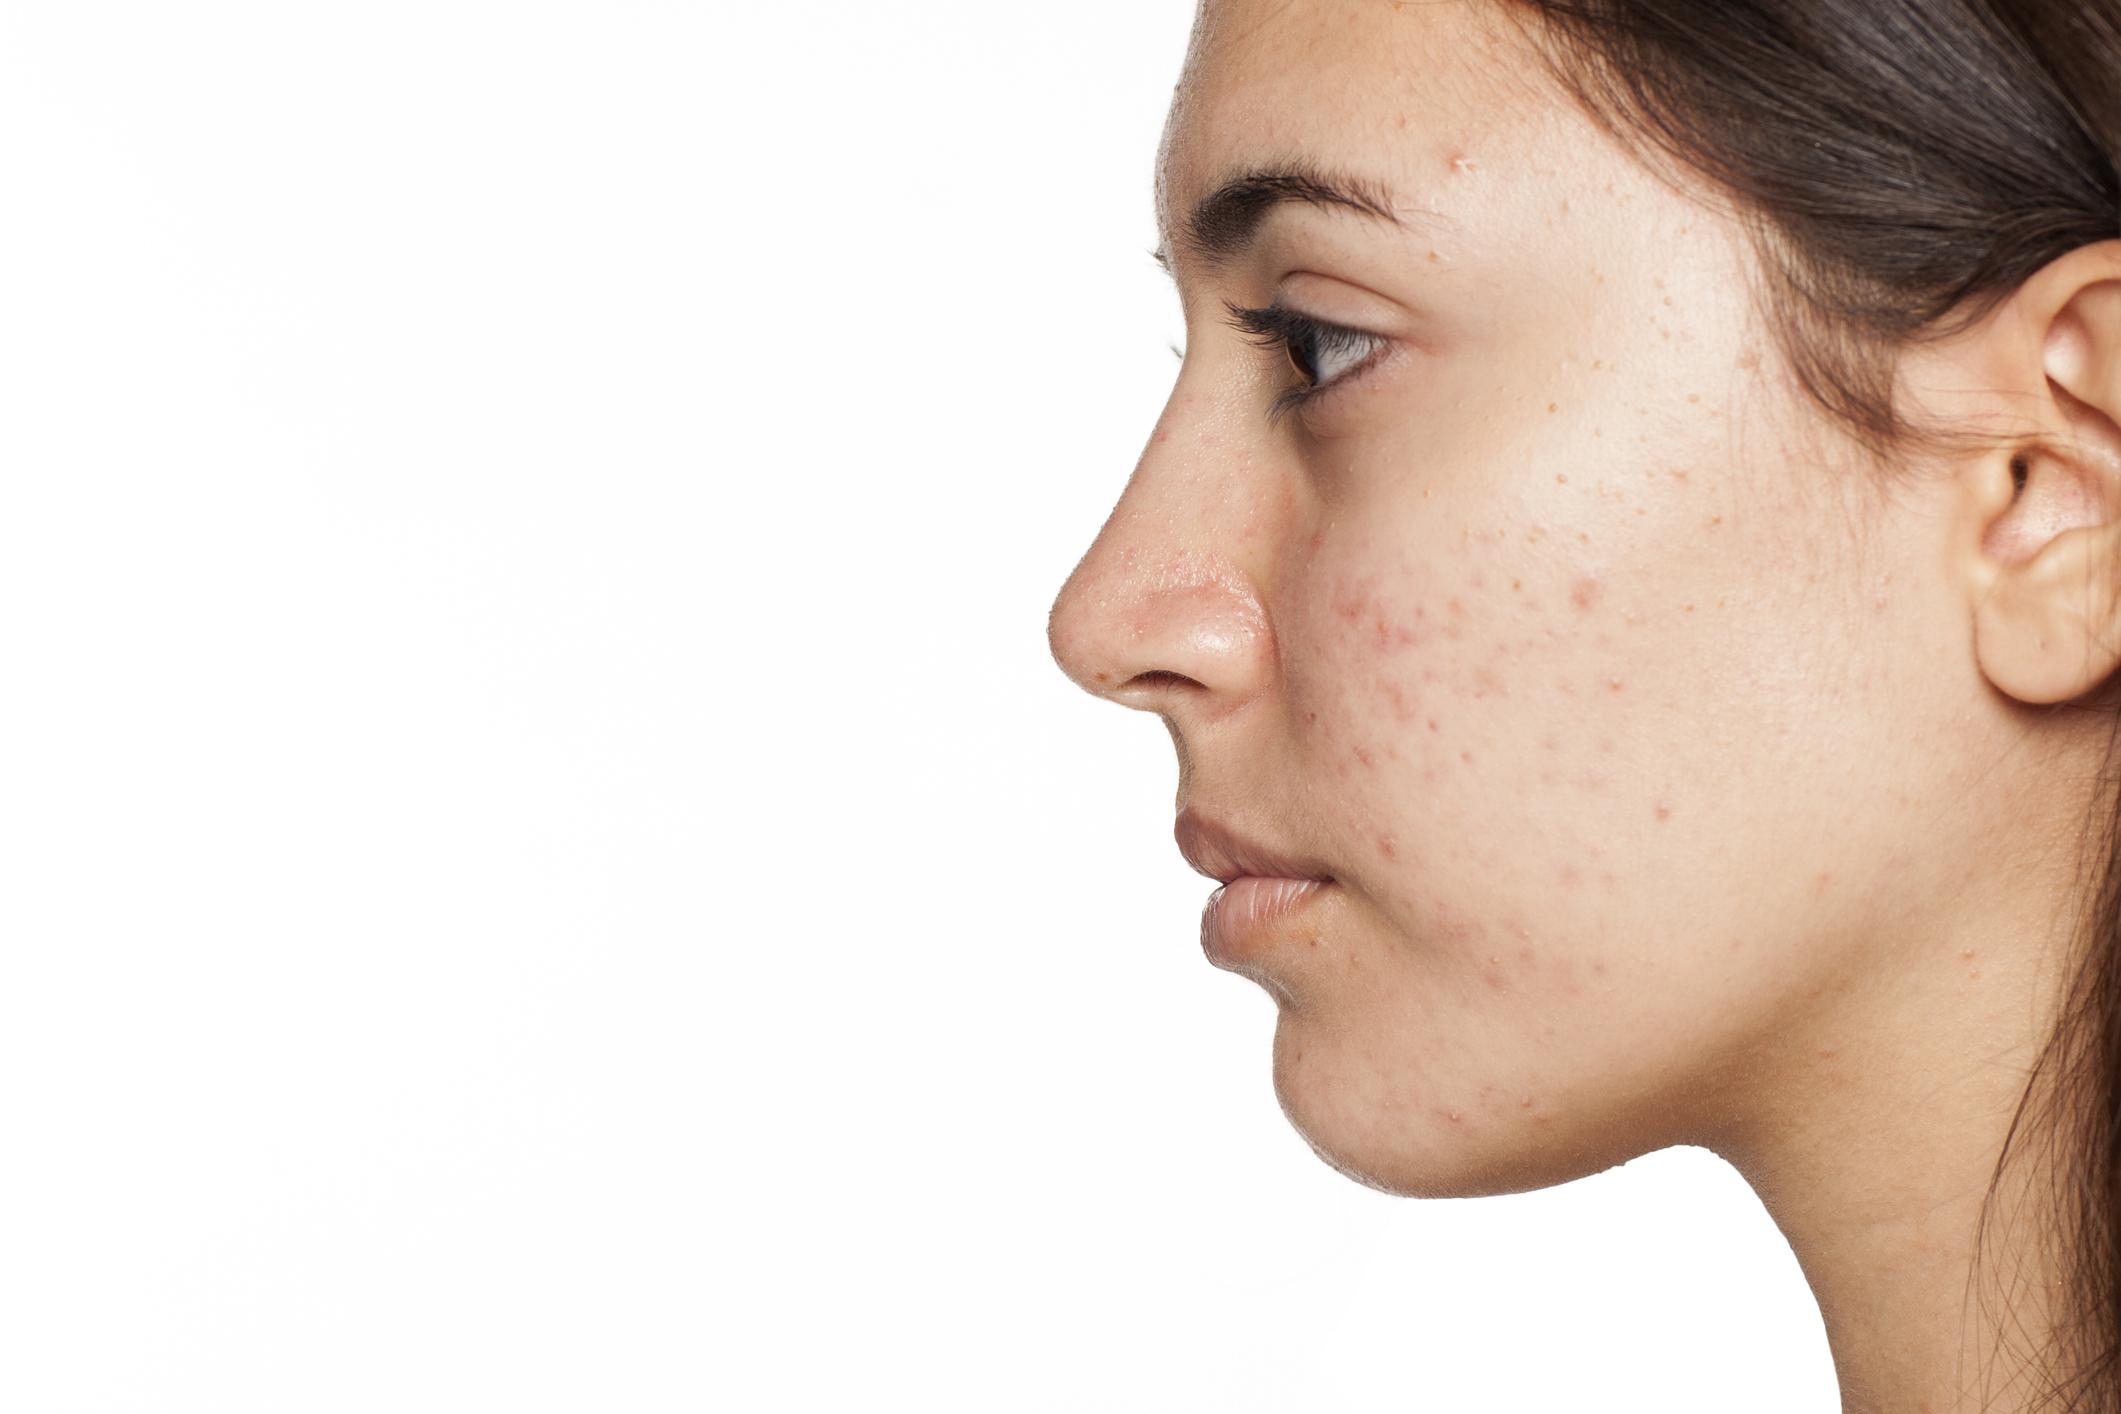 Akné: Aké formy akné poznáme? Ako postupovať pri liečbe?